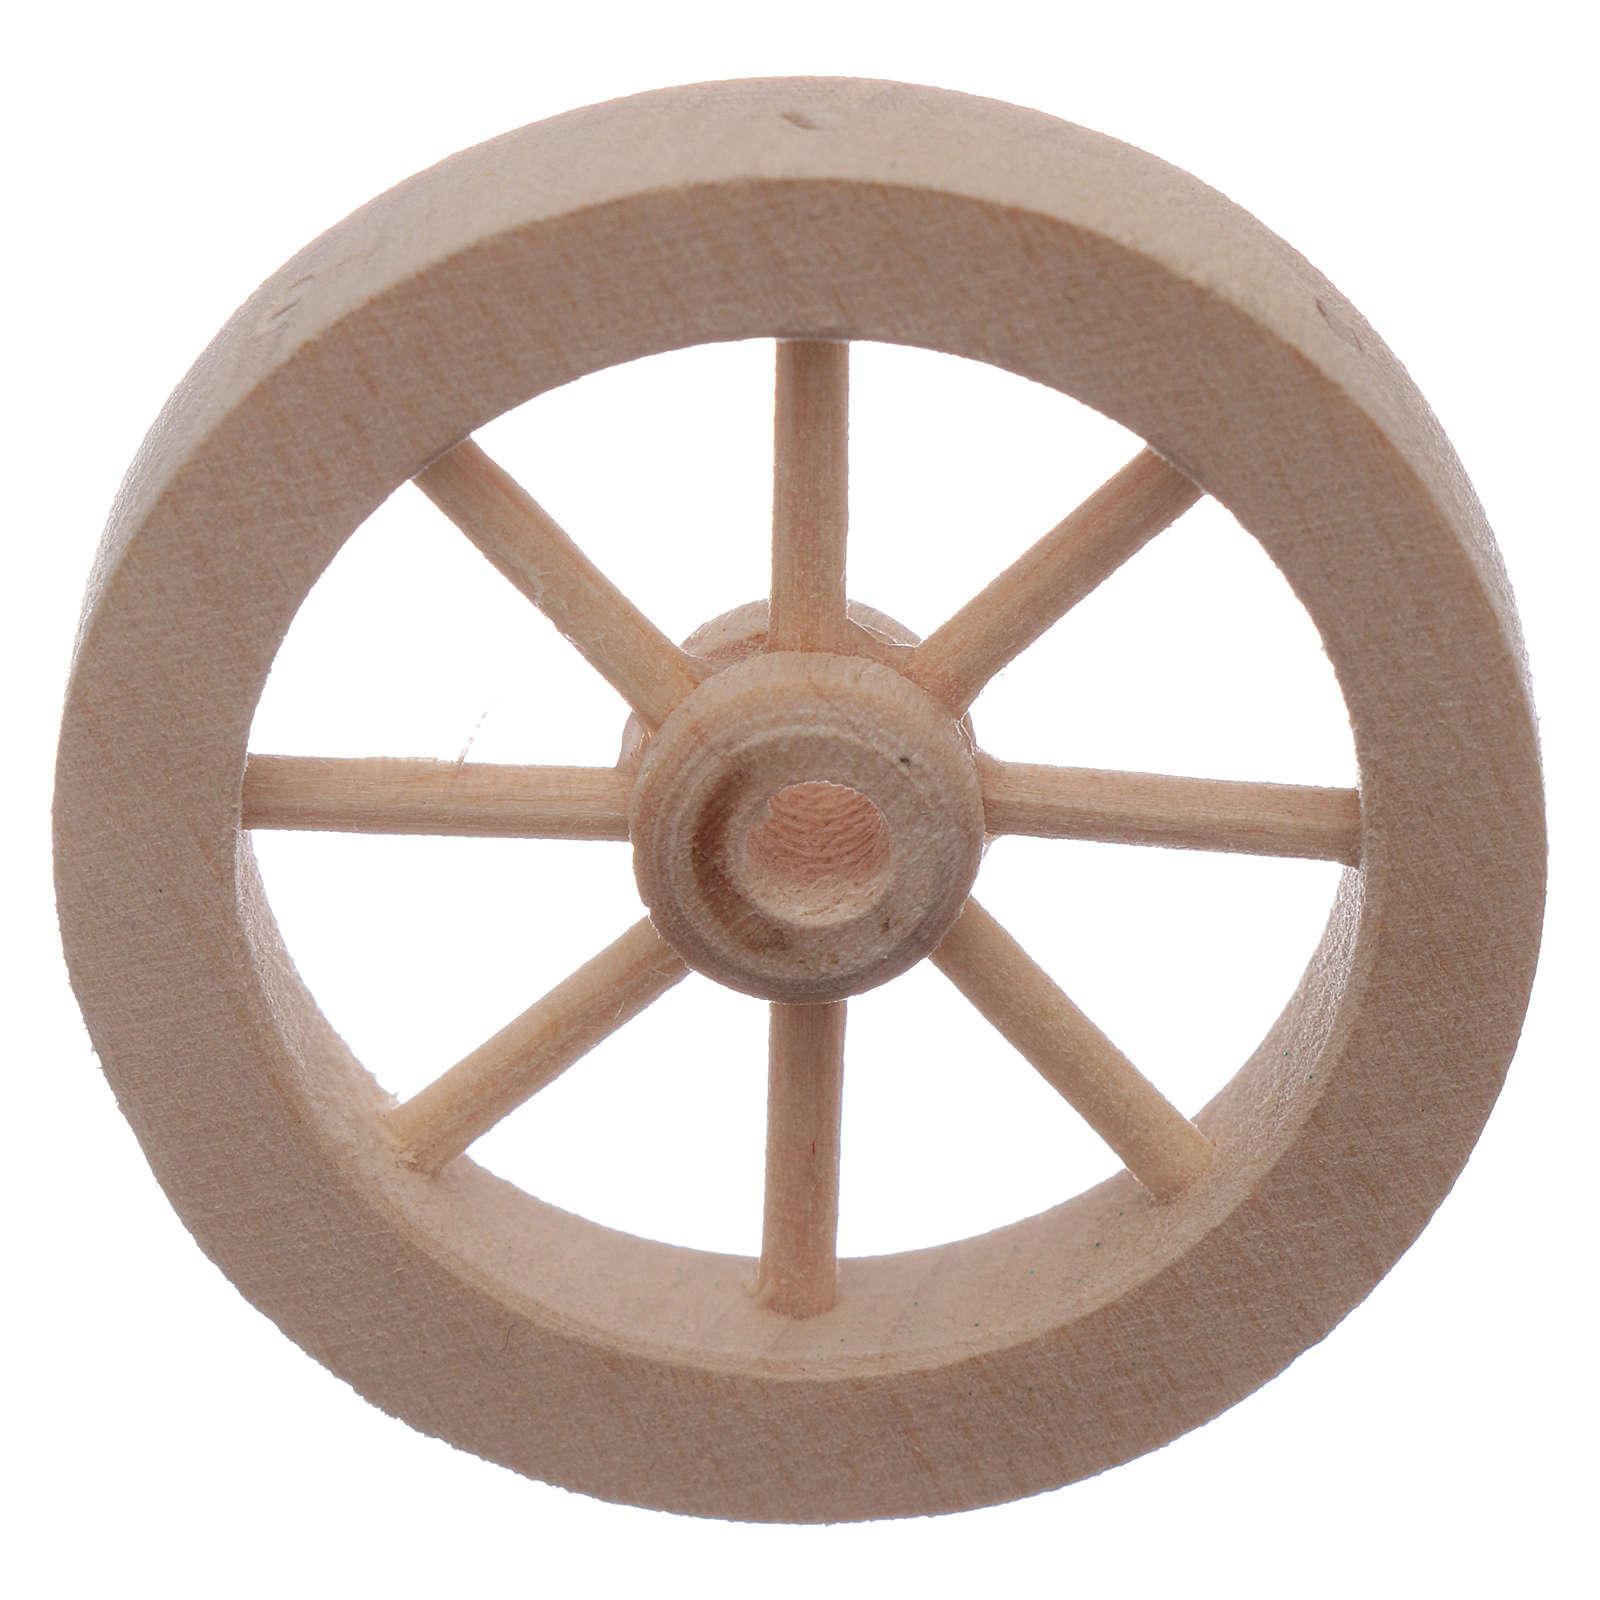 Roda carrinho em madeira presépio diâm. 4 cm 4